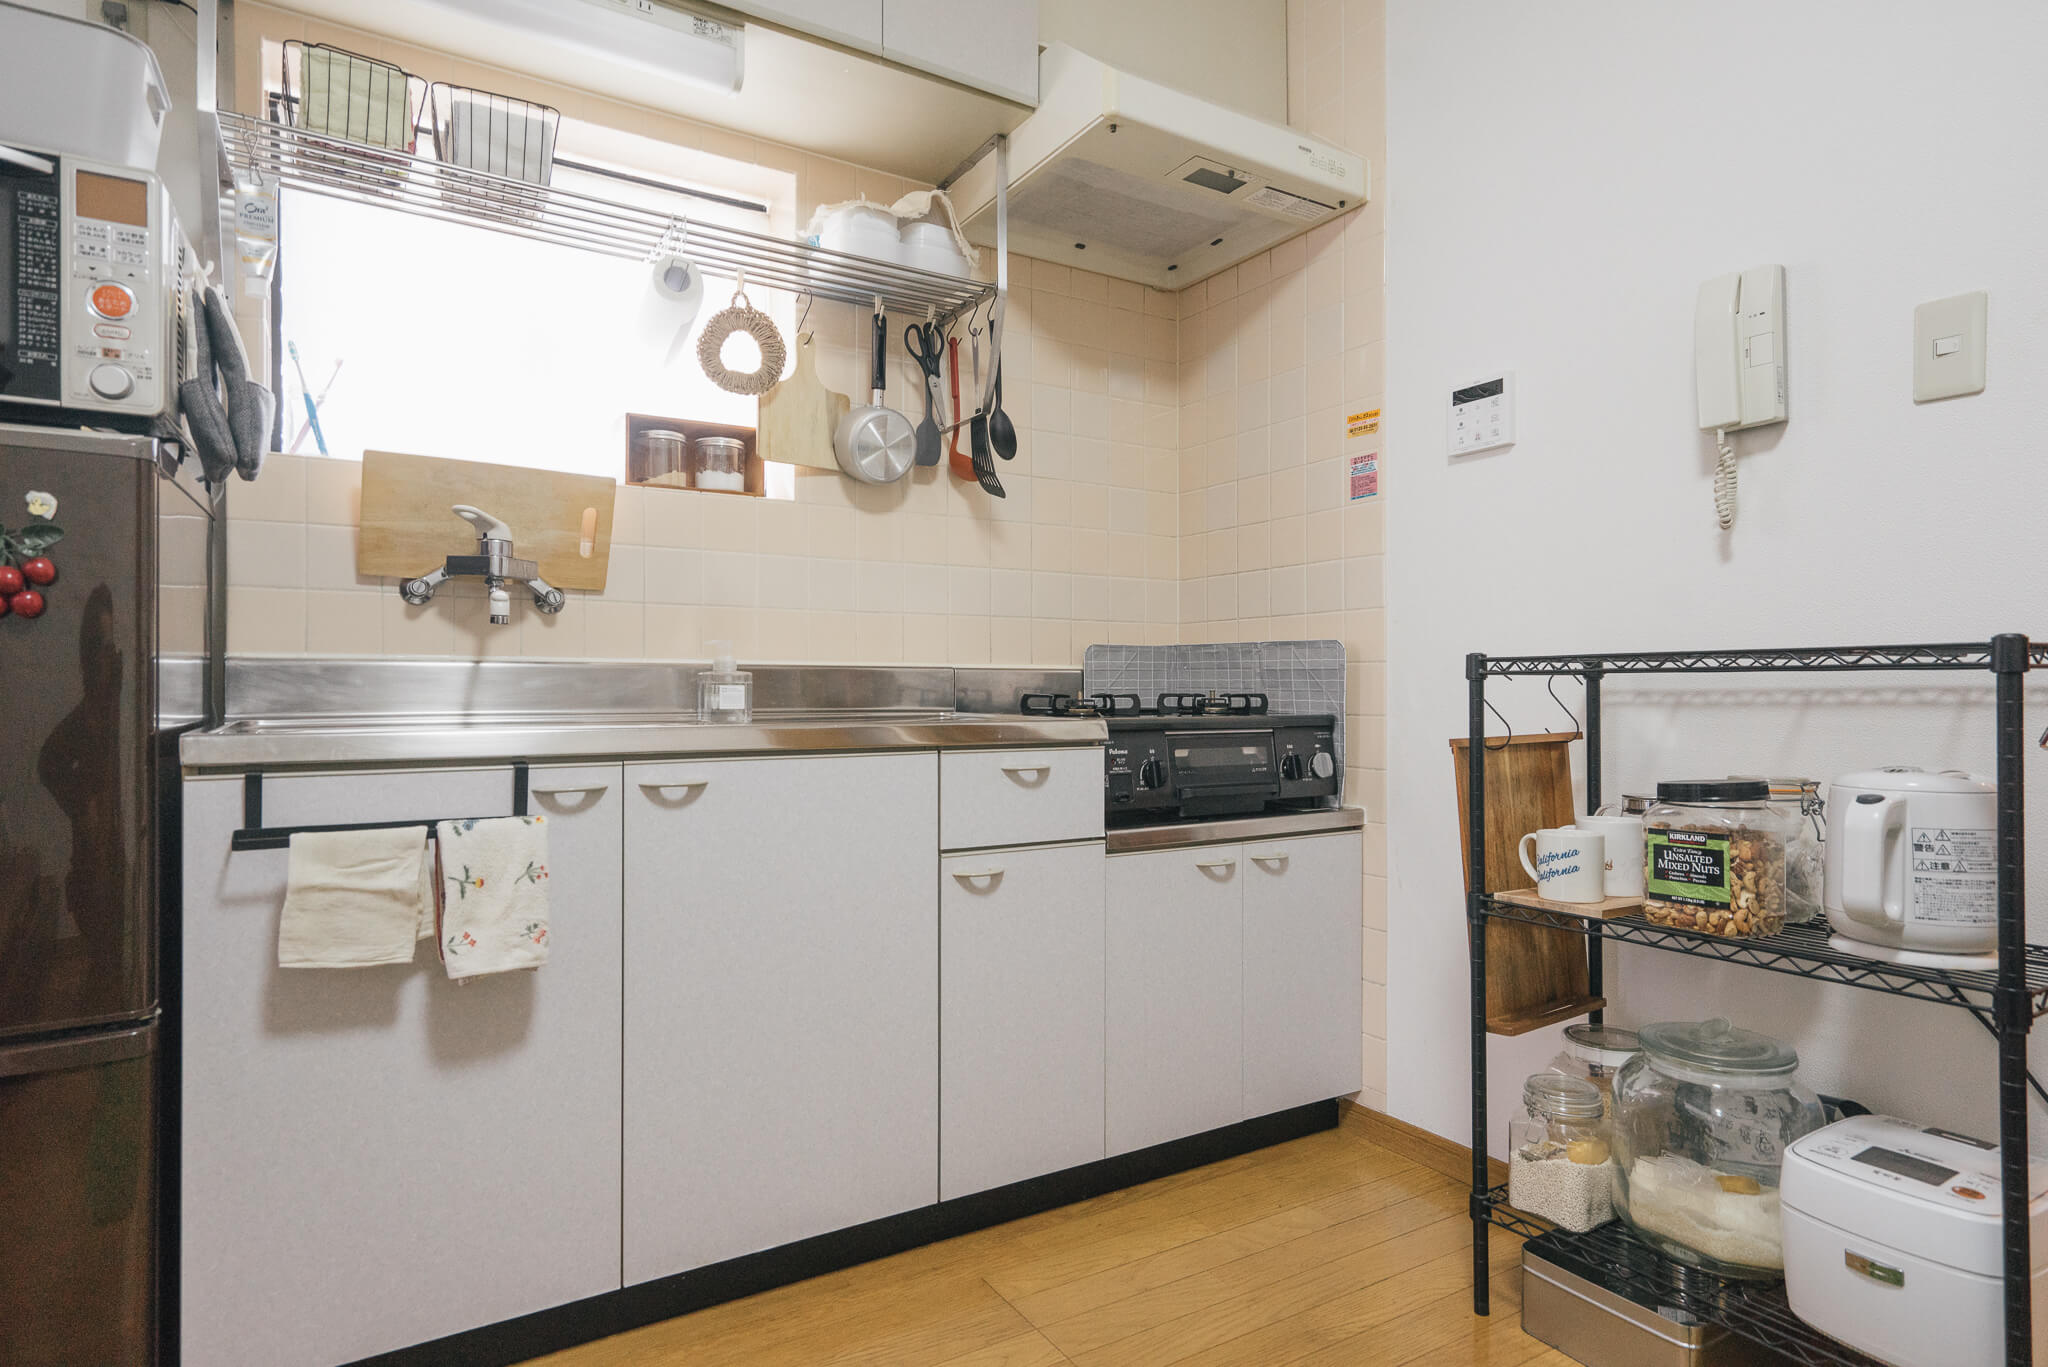 キッチンも、収納にゆとりがあってとてもスッキリ。2段ついていた水切り棚は不必要なため1段はずしました。こちらも窓から日が入って、明るい。